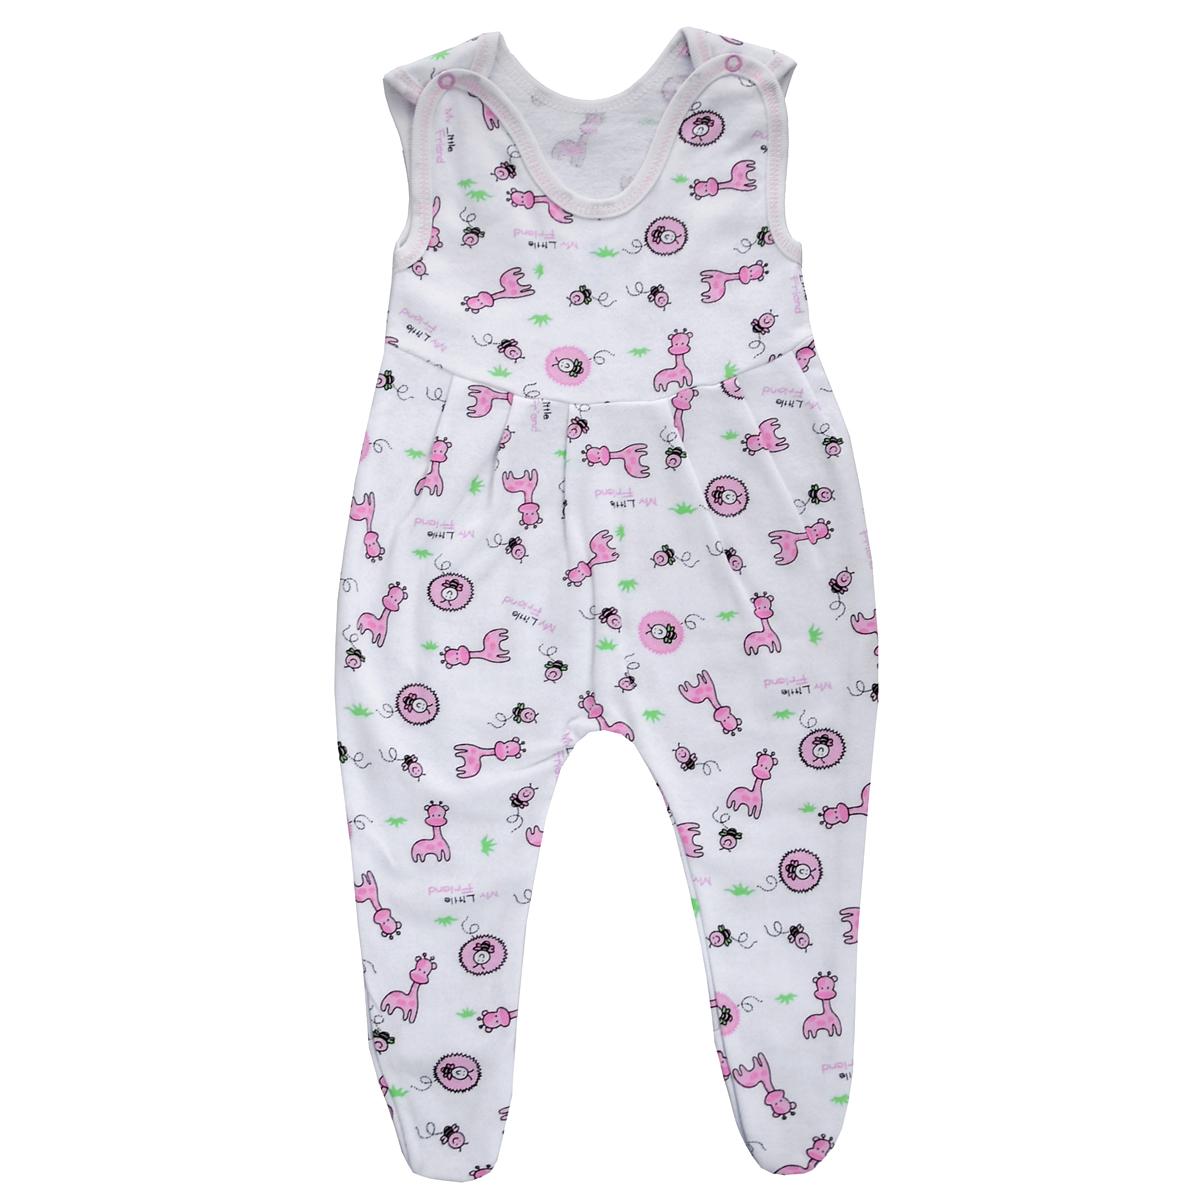 Ползунки с грудкой Трон-плюс, цвет: белый, розовый, рисунок жирафы. 5221. Размер 56, 1 месяц5221Ползунки с грудкой Трон-плюс - очень удобный и практичный вид одежды для малышей. Ползунки выполнены из футера - натурального хлопка, благодаря чему они необычайно мягкие, тепленькие и приятные на ощупь, не раздражают нежную кожу ребенка и хорошо вентилируются, а эластичные швы приятны телу младенца и не препятствуют его движениям. Ползунки с закрытыми ножками, застегивающиеся сверху на две кнопочки, идеально подойдут вашему ребенку, обеспечивая ему наибольший комфорт, подходят для ношения с подгузником и без него. От линии груди заложены складочки, придающие изделию оригинальность.Ползунки с грудкой полностью соответствуют особенностям жизни младенца в ранний период, не стесняя и не ограничивая его в движениях!